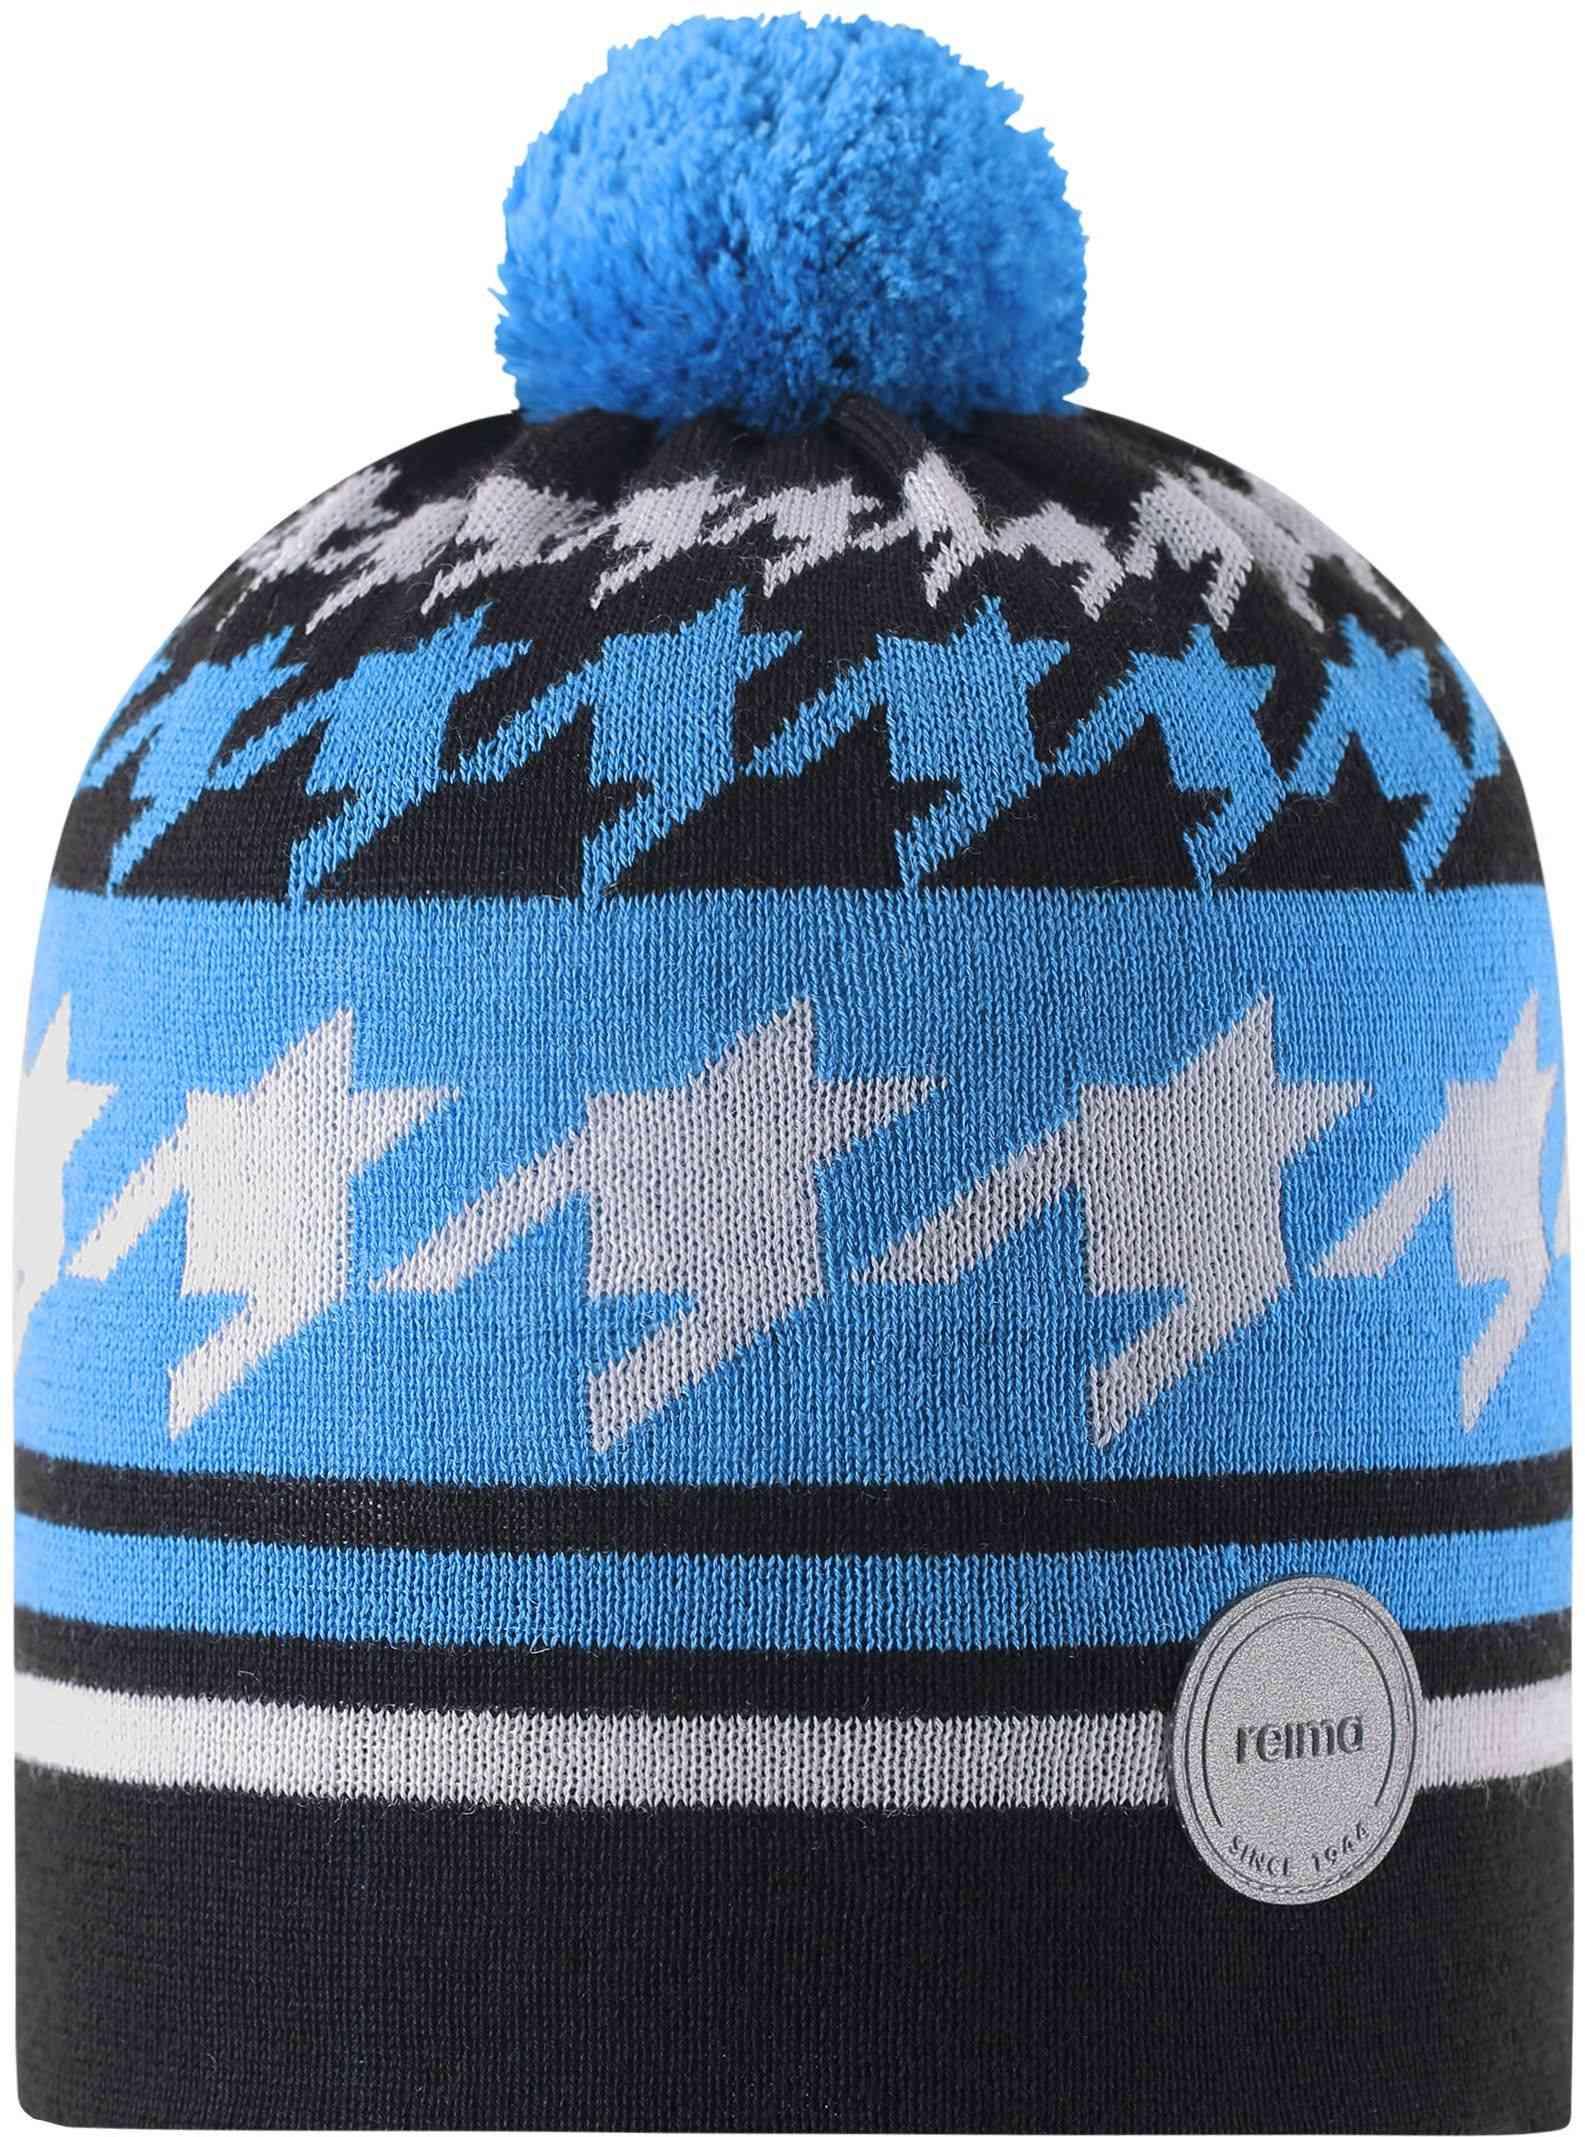 Reima Kohva - Marine Blue chlapcenska zimna ciapka